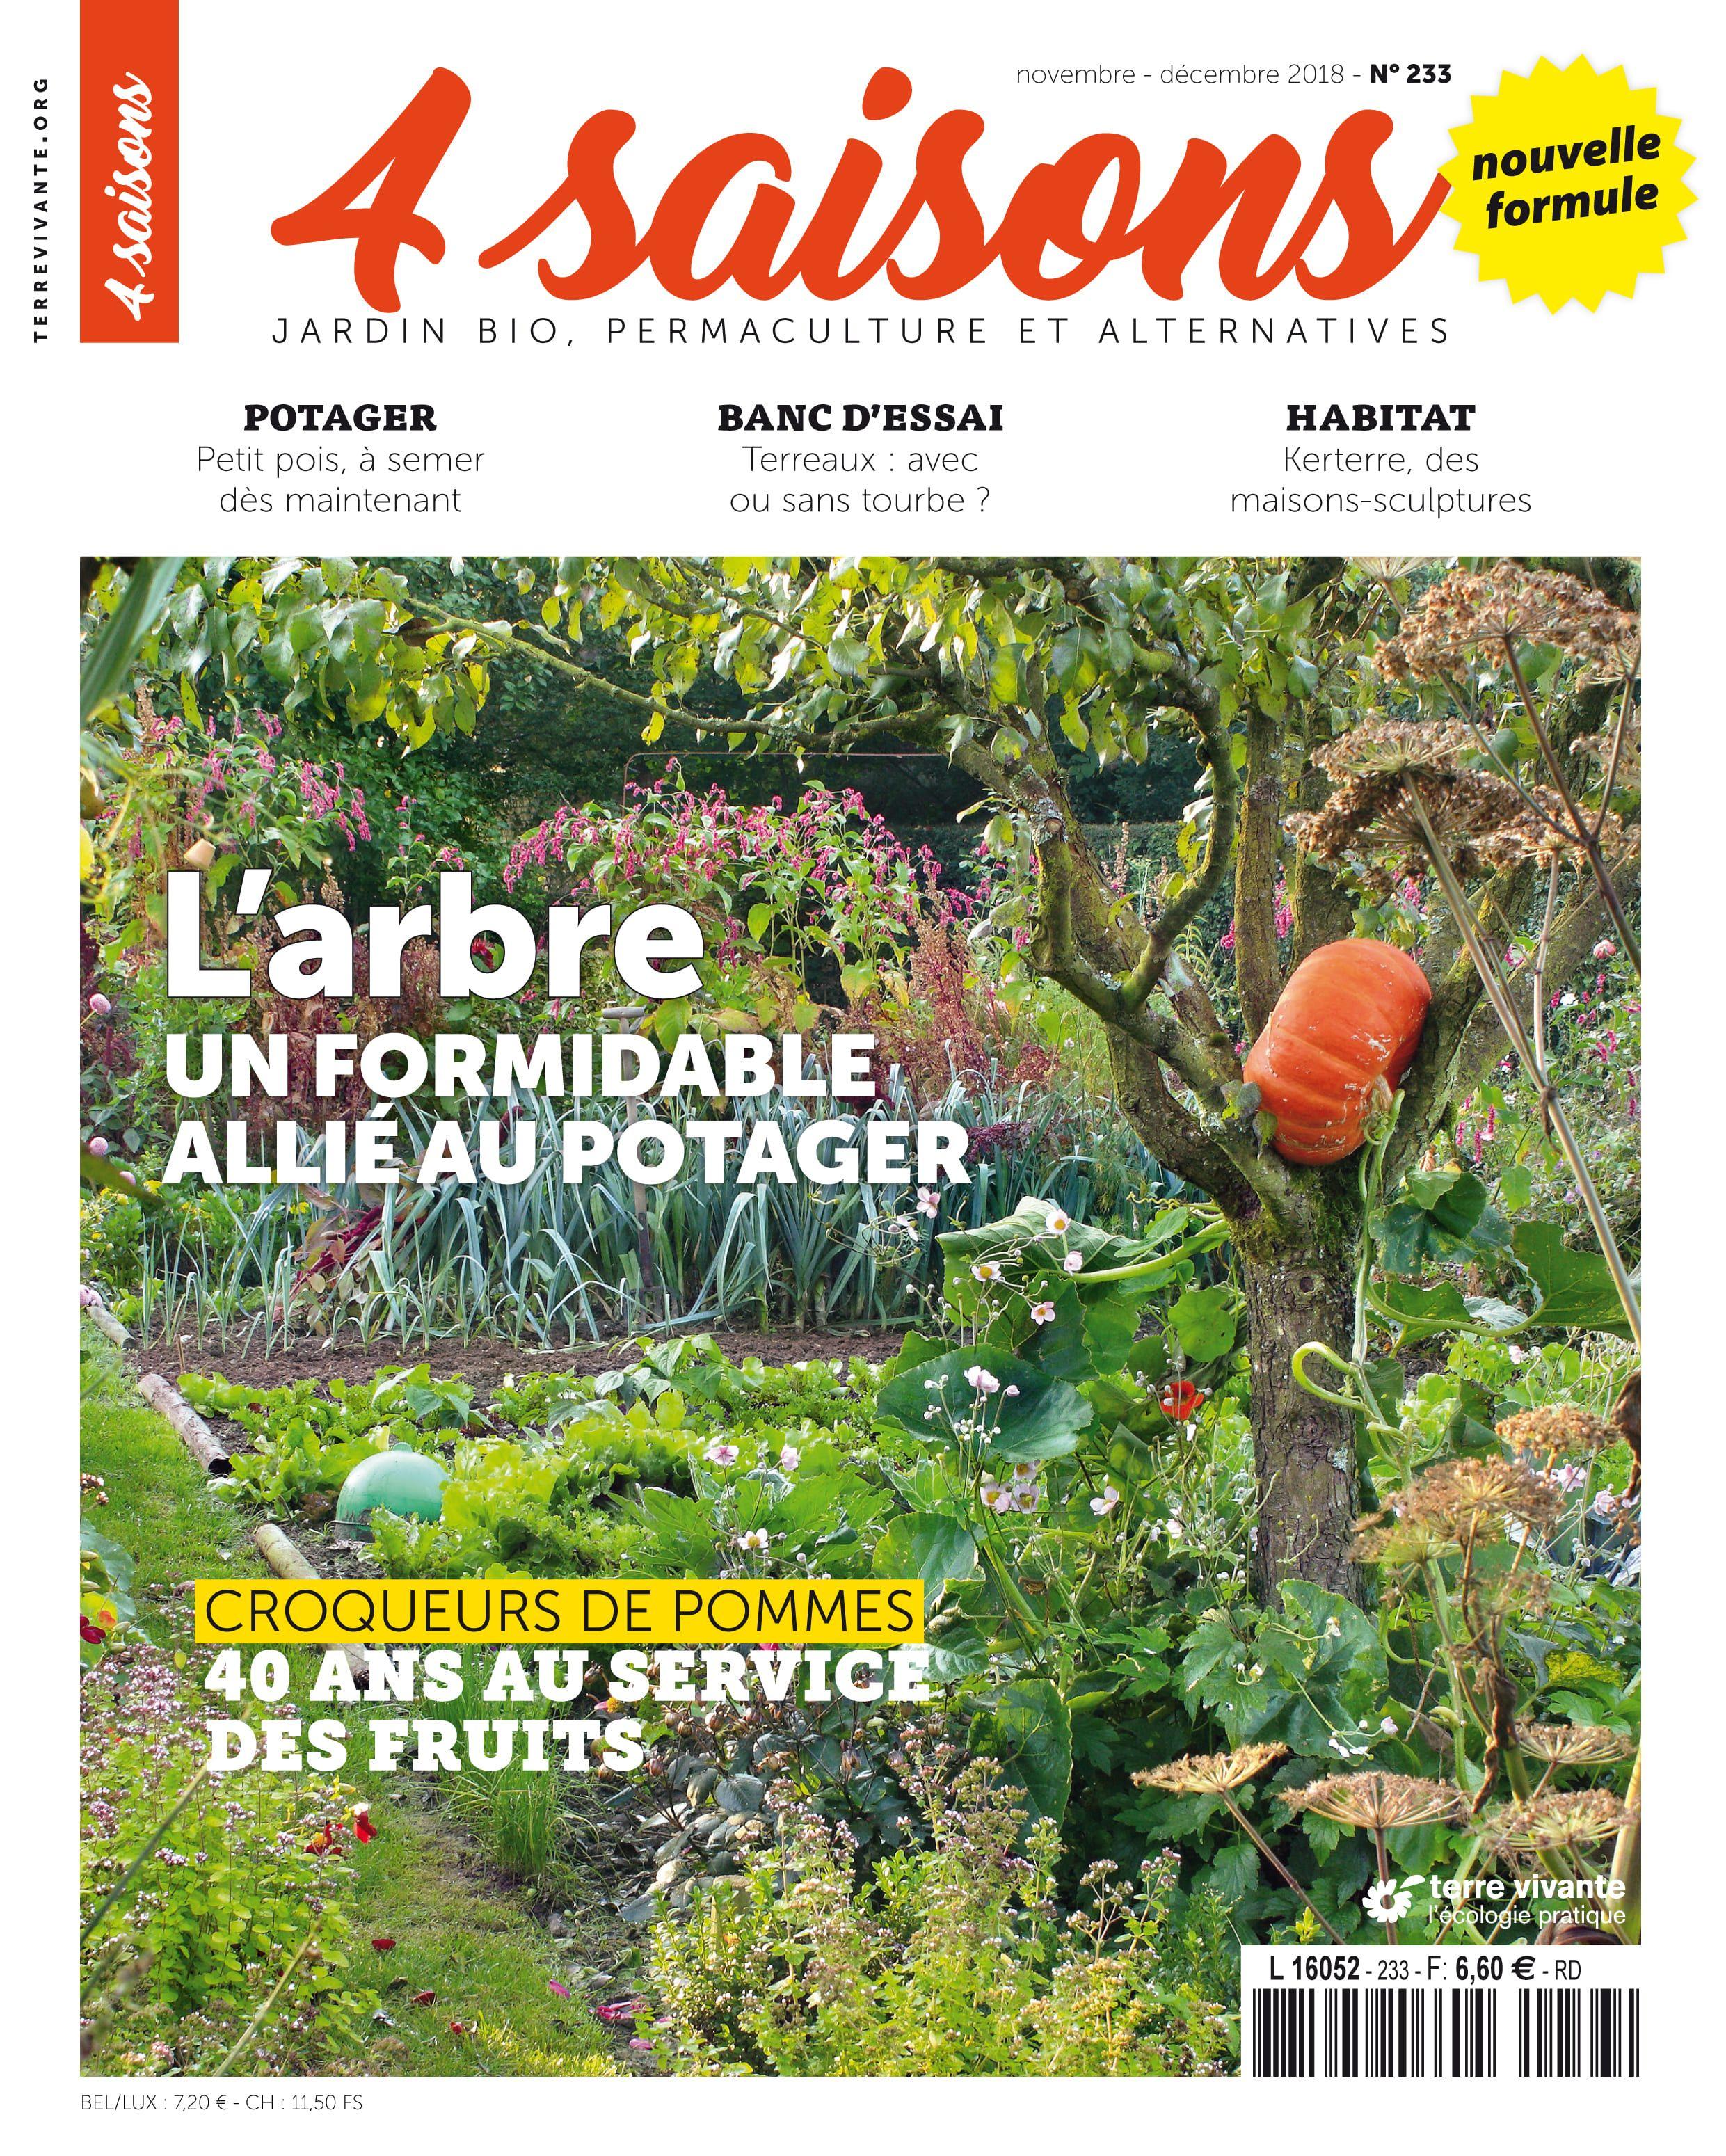 Épinglé par Terre vivante sur Jardinage Les 4 Saisons